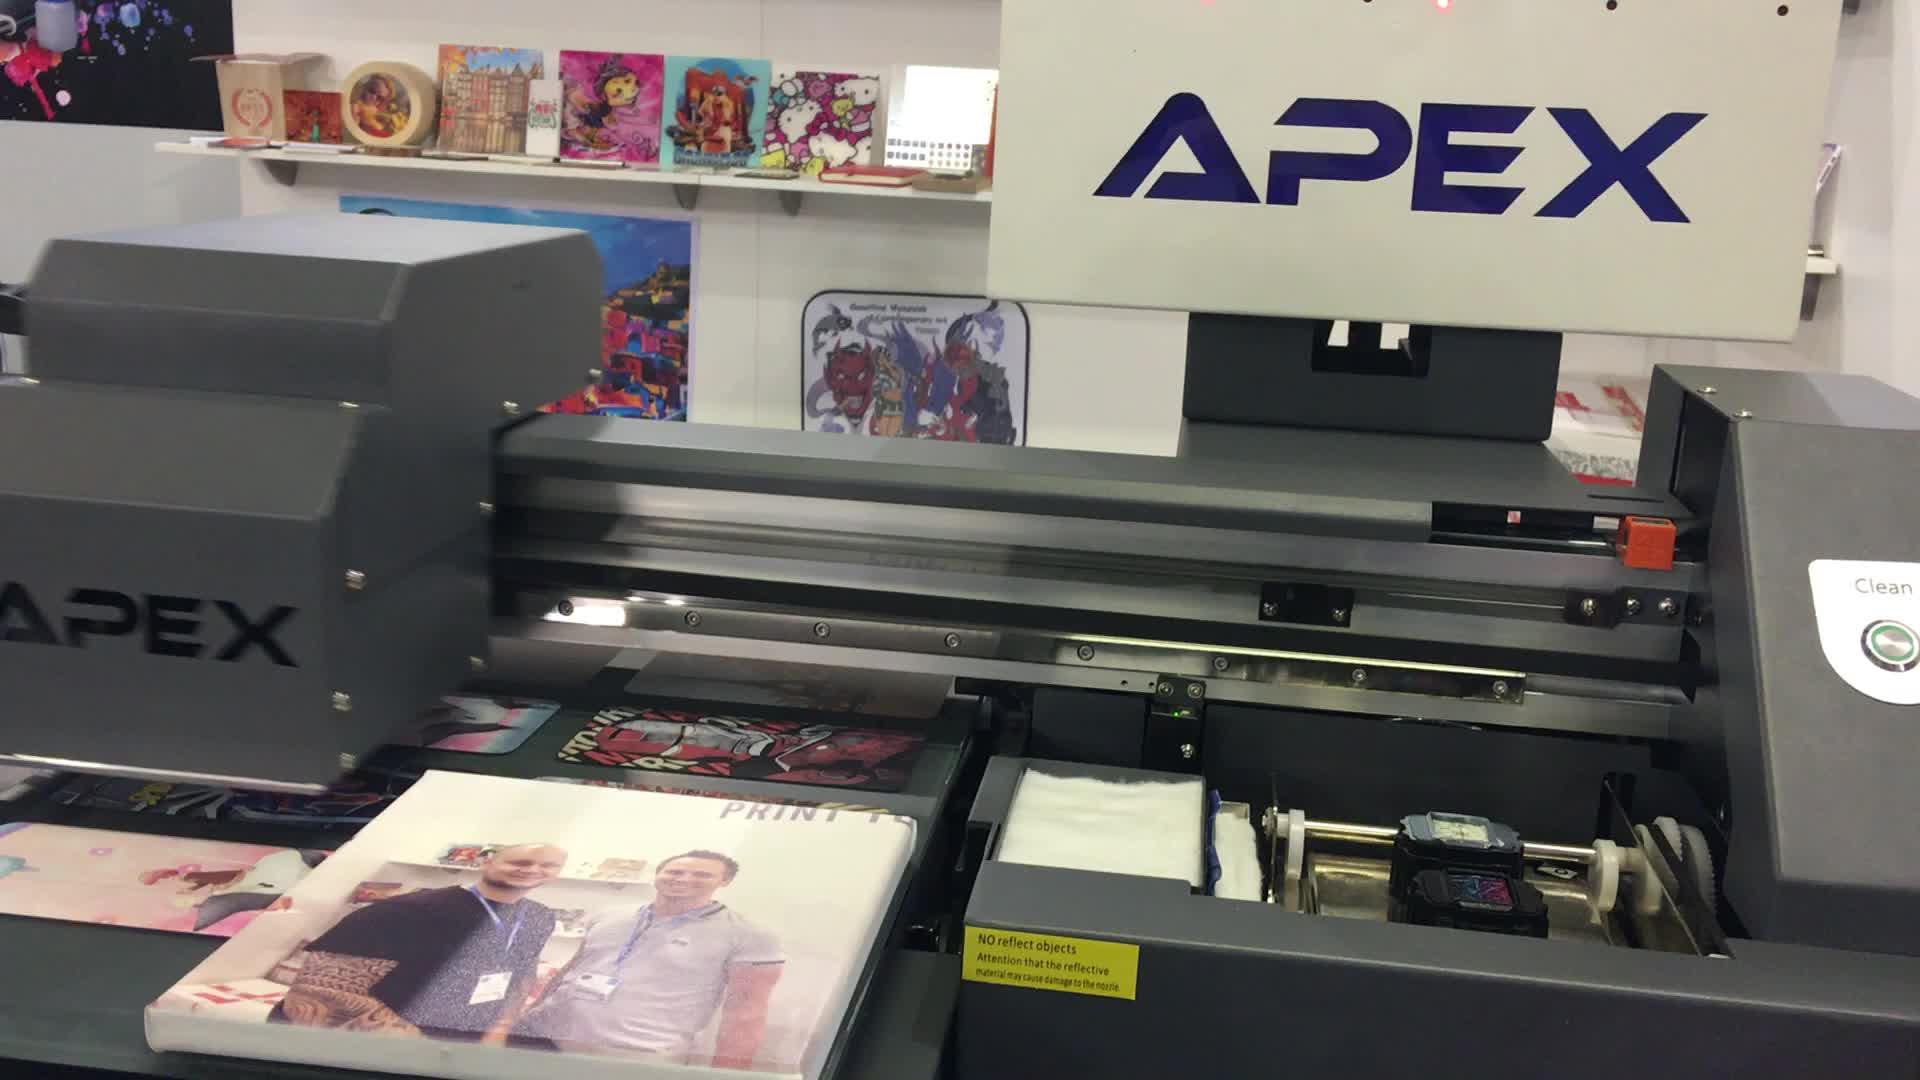 APEX uv printing machine digital print